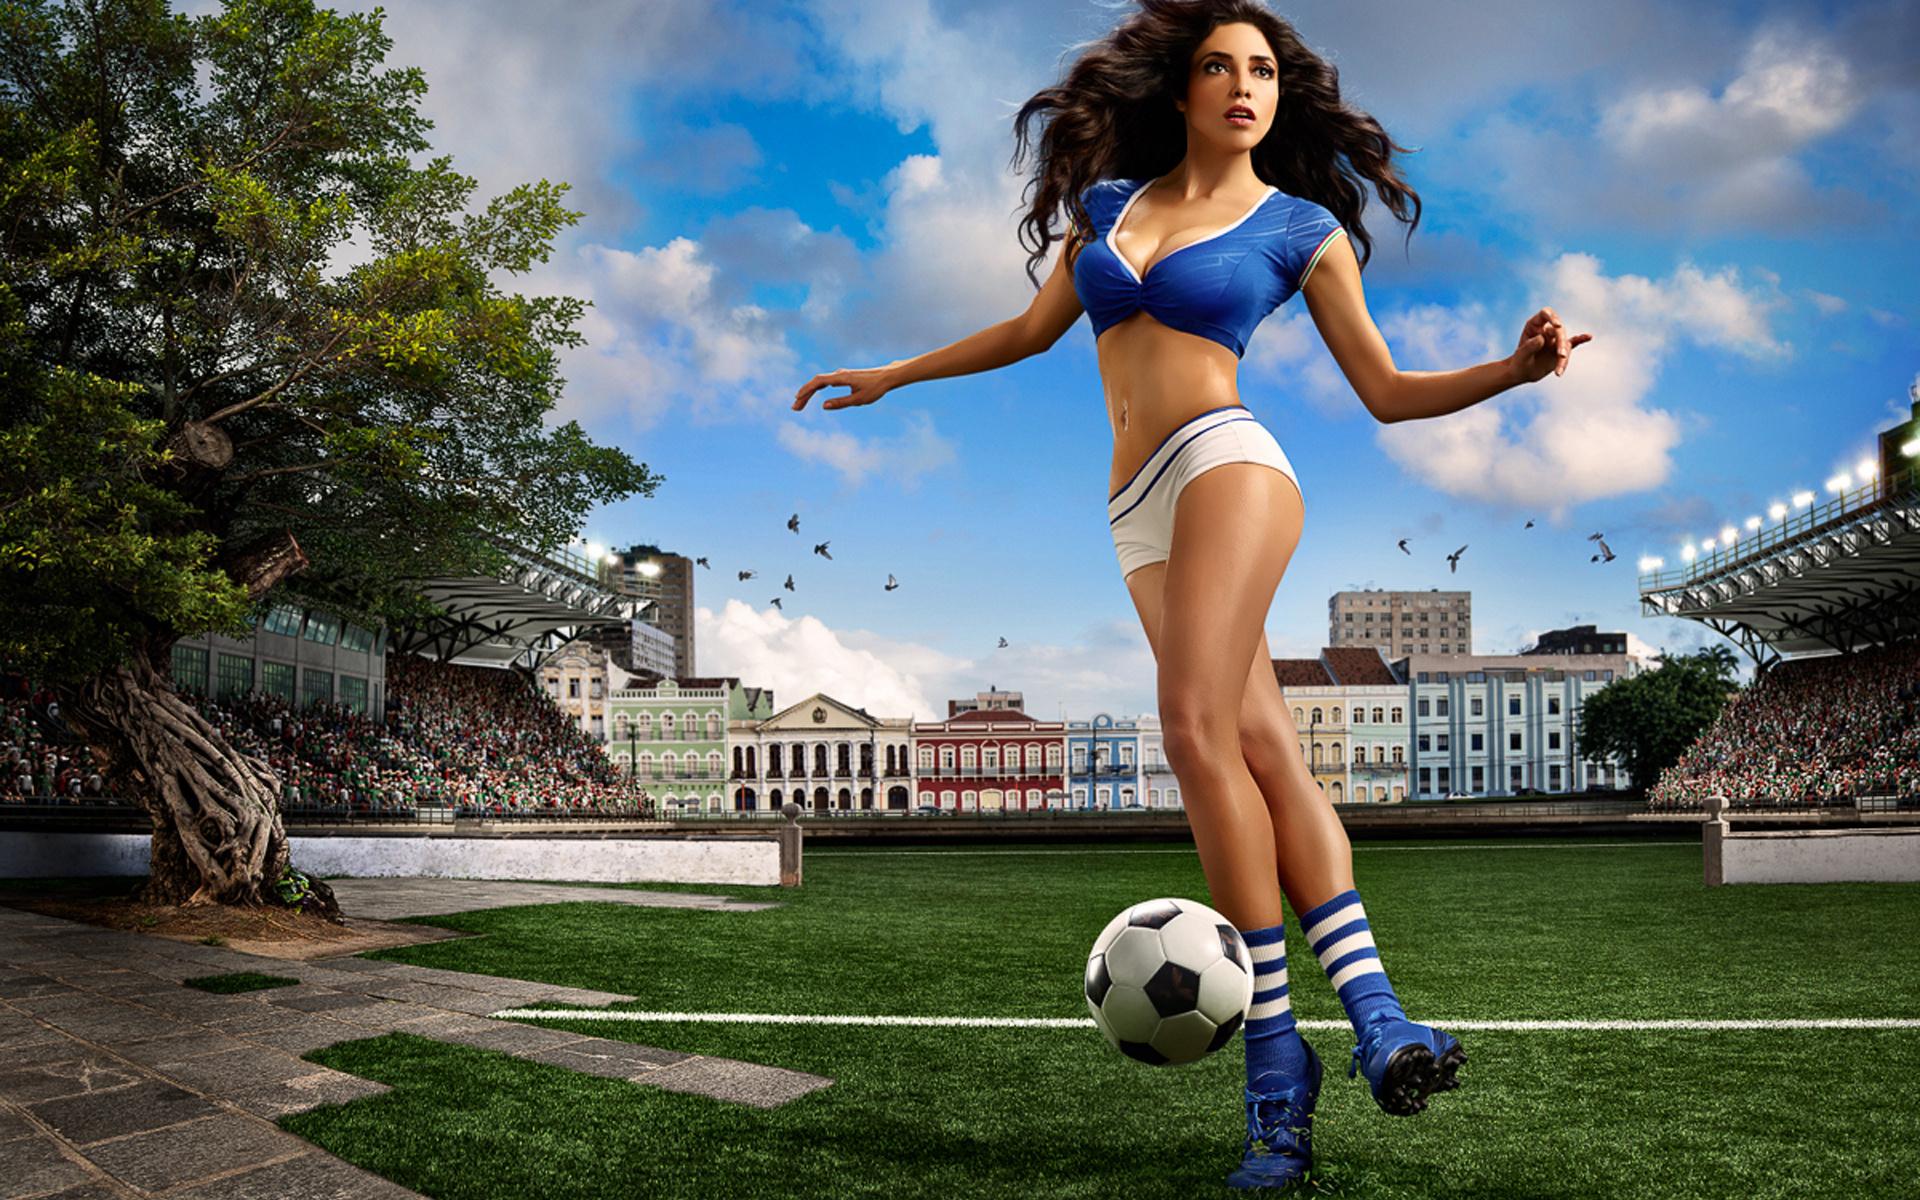 Женщина с мячом фото, матюрки в колготках мастурбация